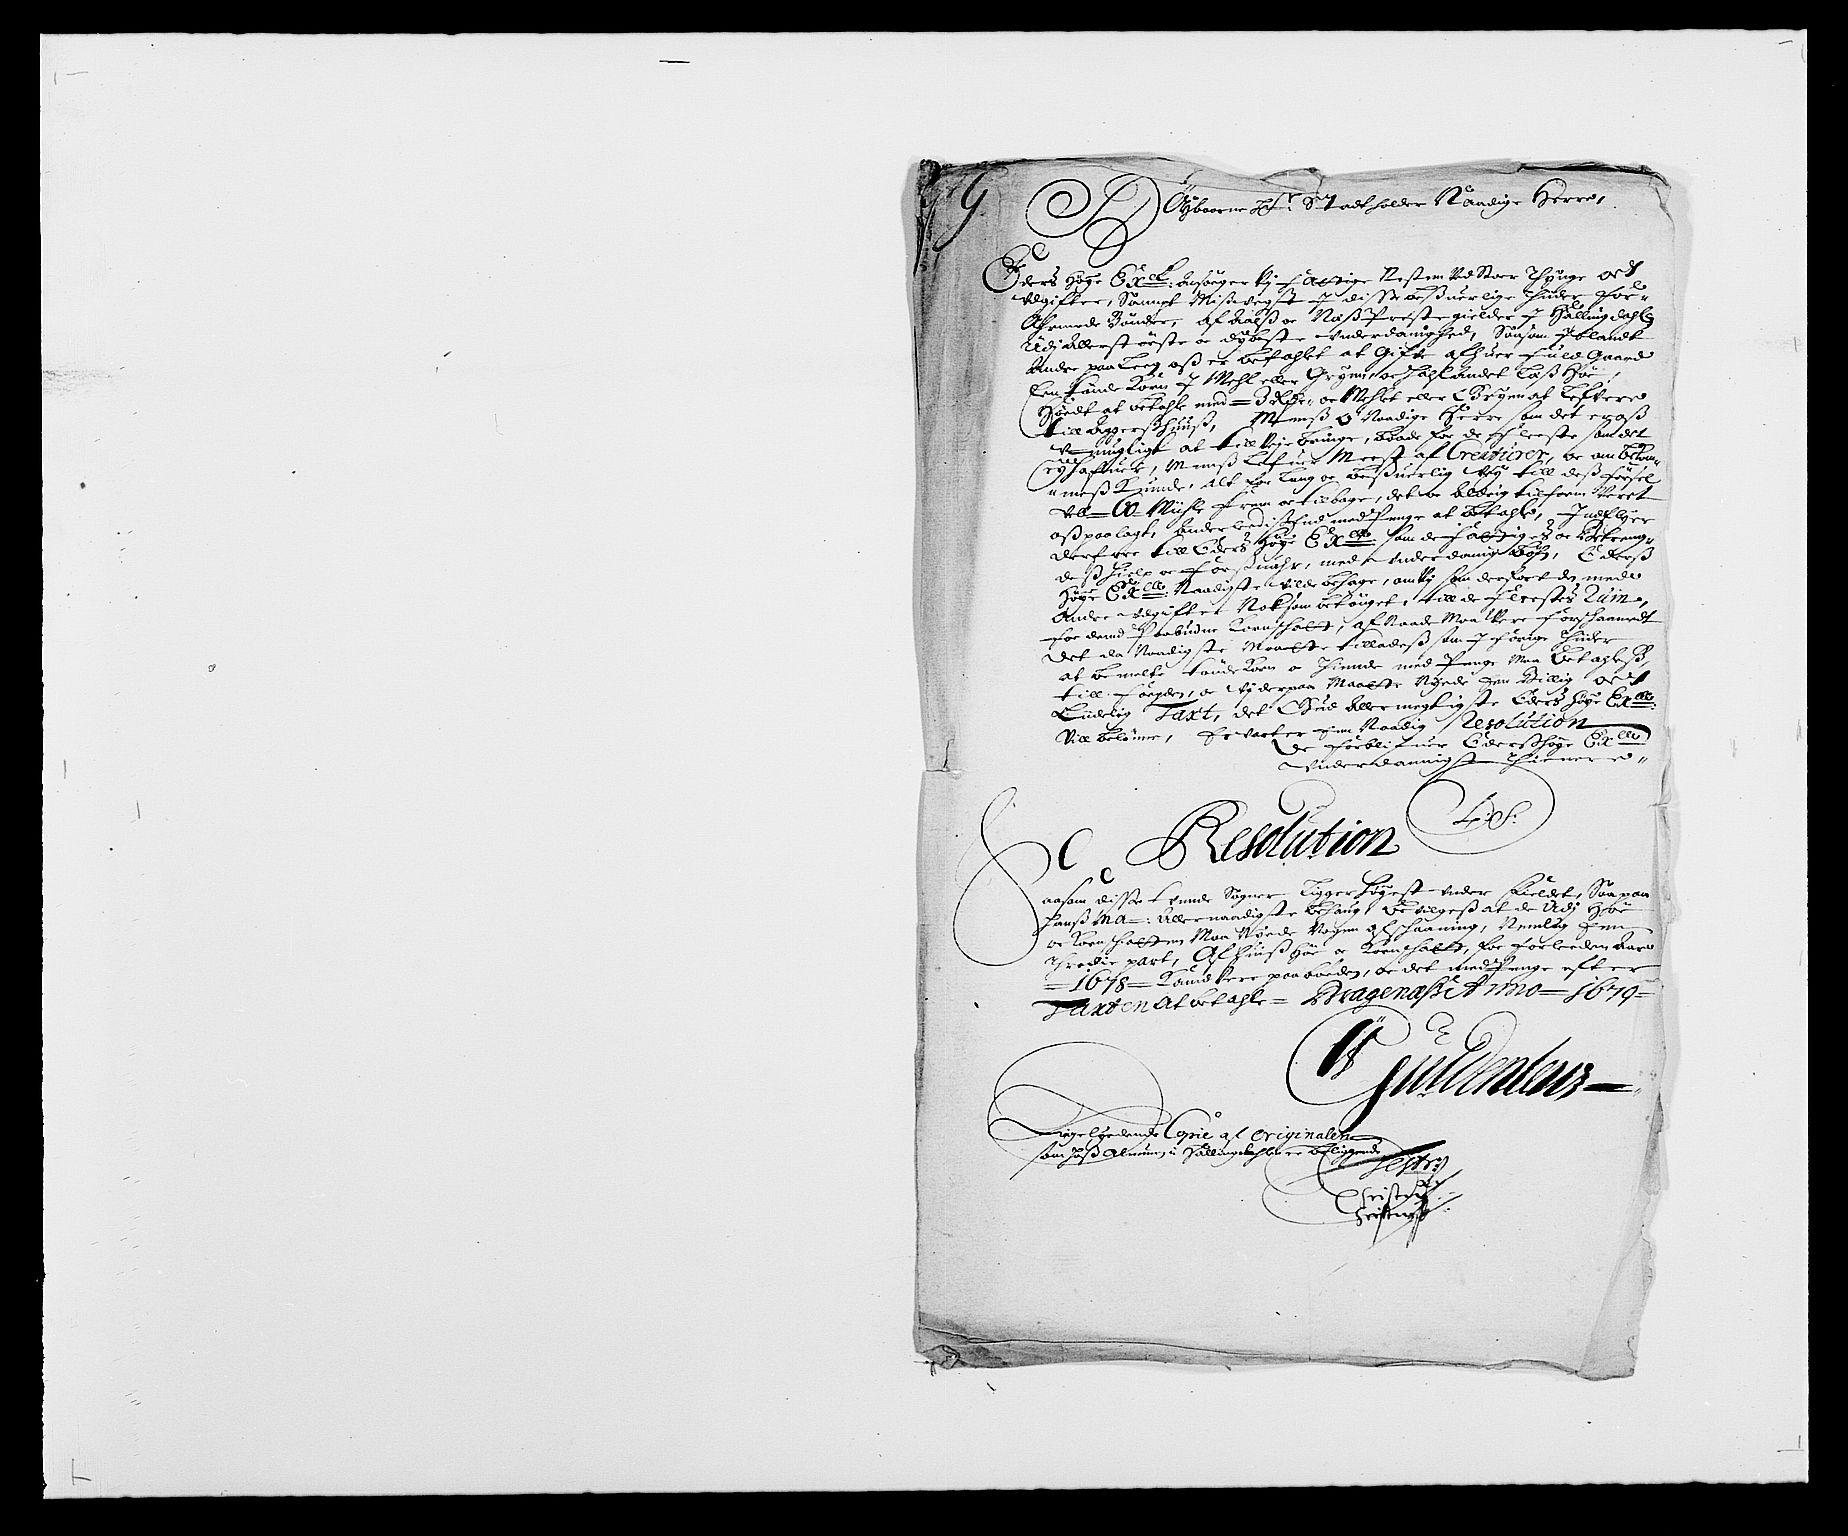 RA, Rentekammeret inntil 1814, Reviderte regnskaper, Fogderegnskap, R21/L1443: Fogderegnskap Ringerike og Hallingdal, 1678-1680, s. 125